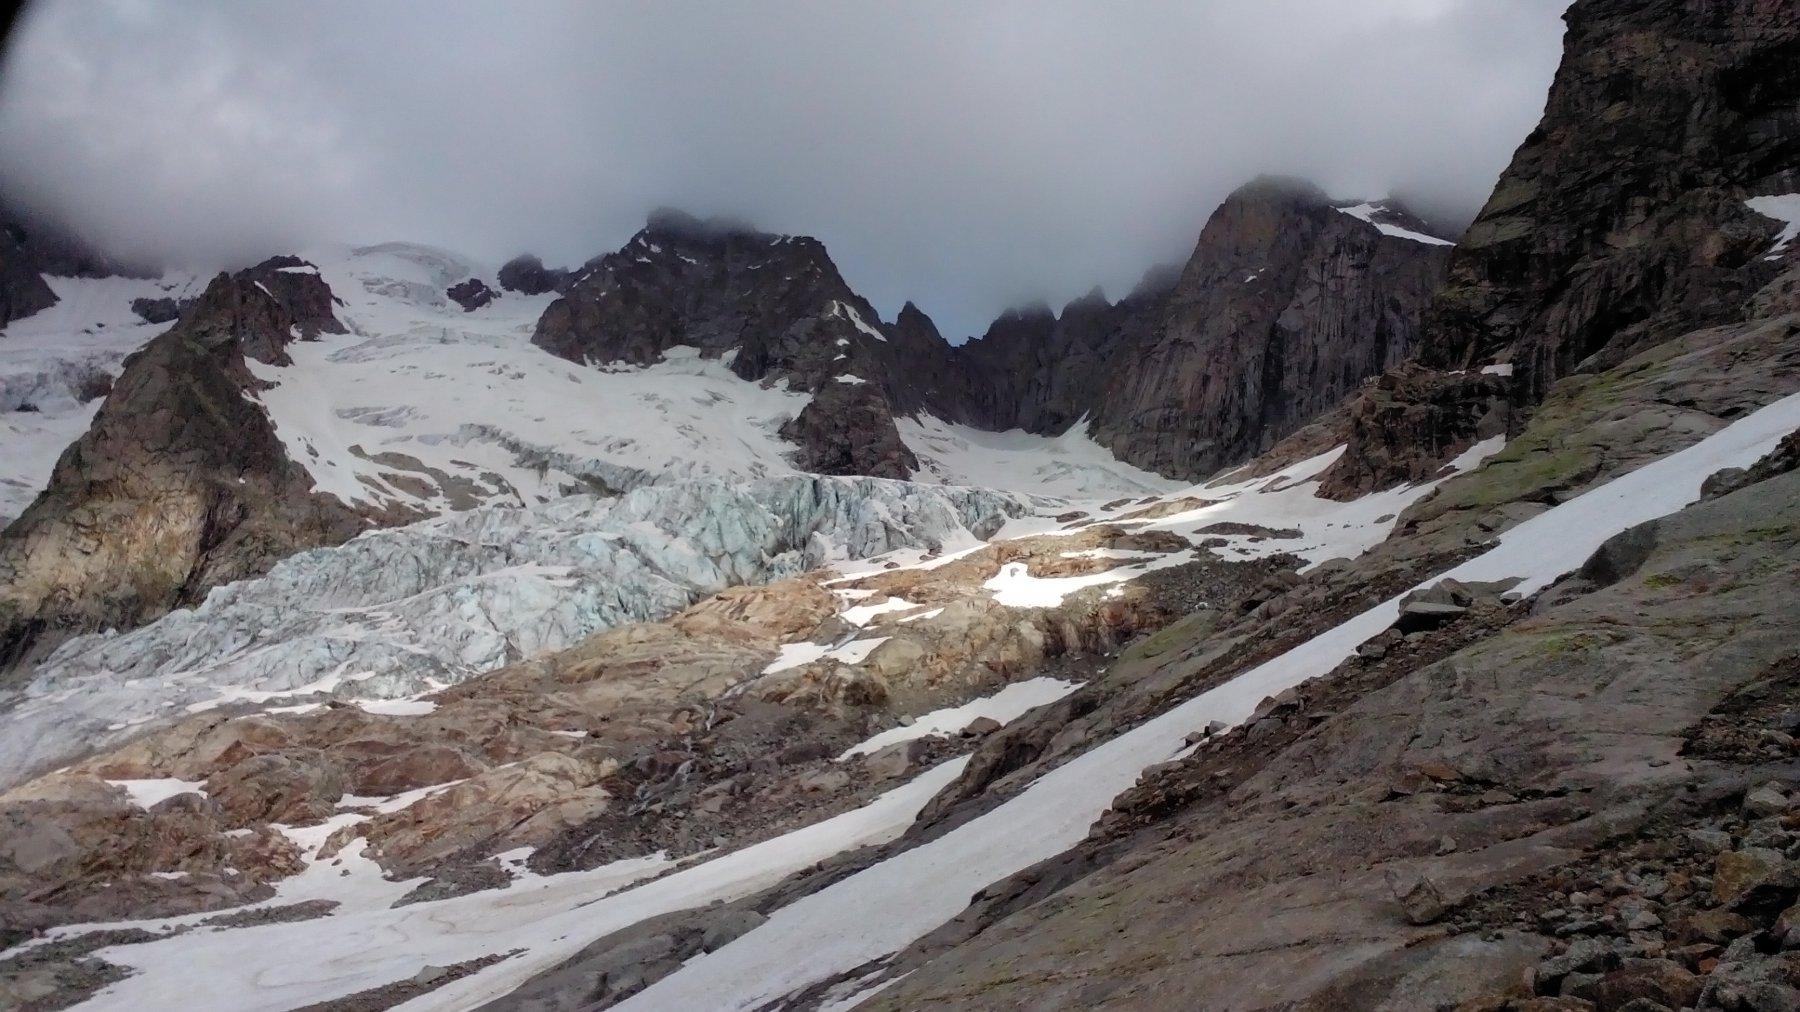 primi nevai a circa 2500 mt, poi neve continua negli ultimi 200 mt